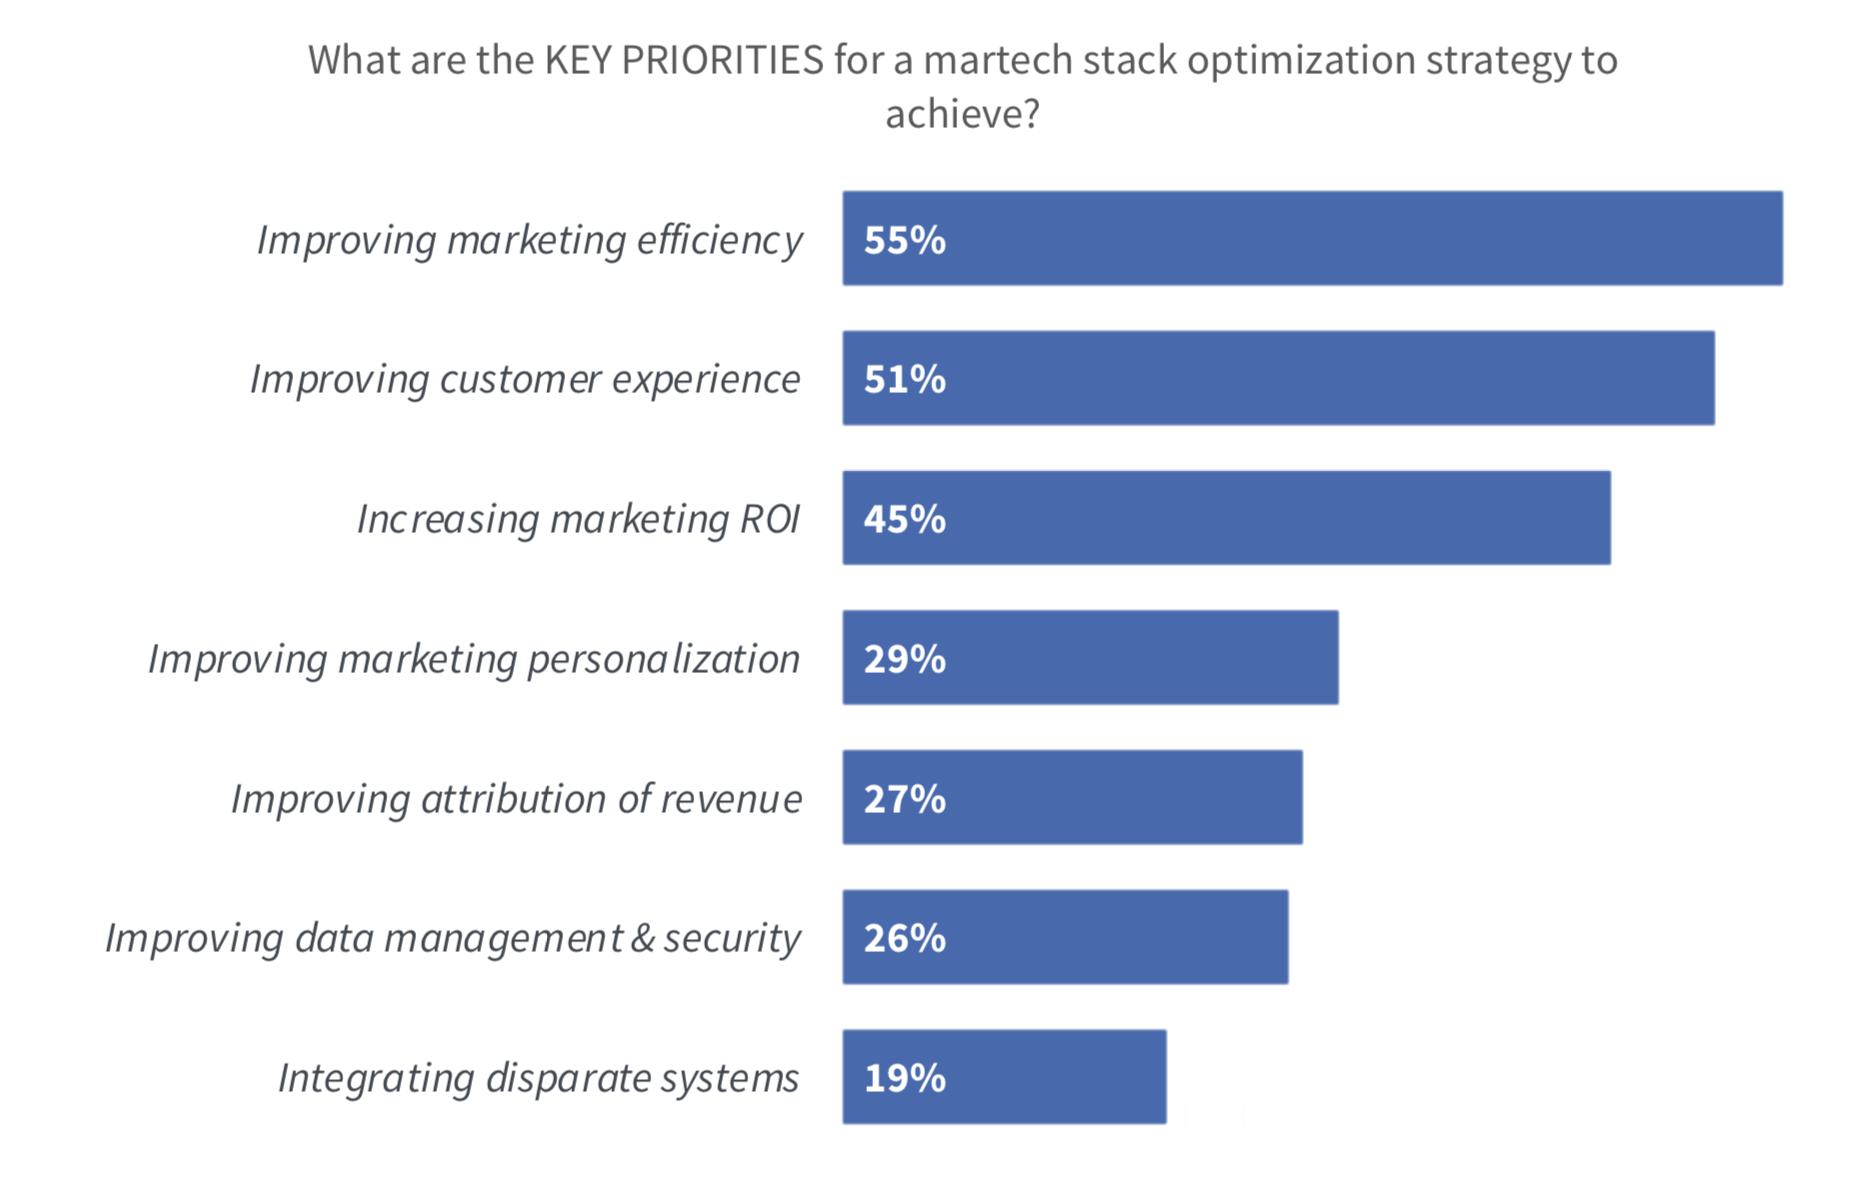 Priorità chiave di una strategia di ottimizzazione dello stack Martech